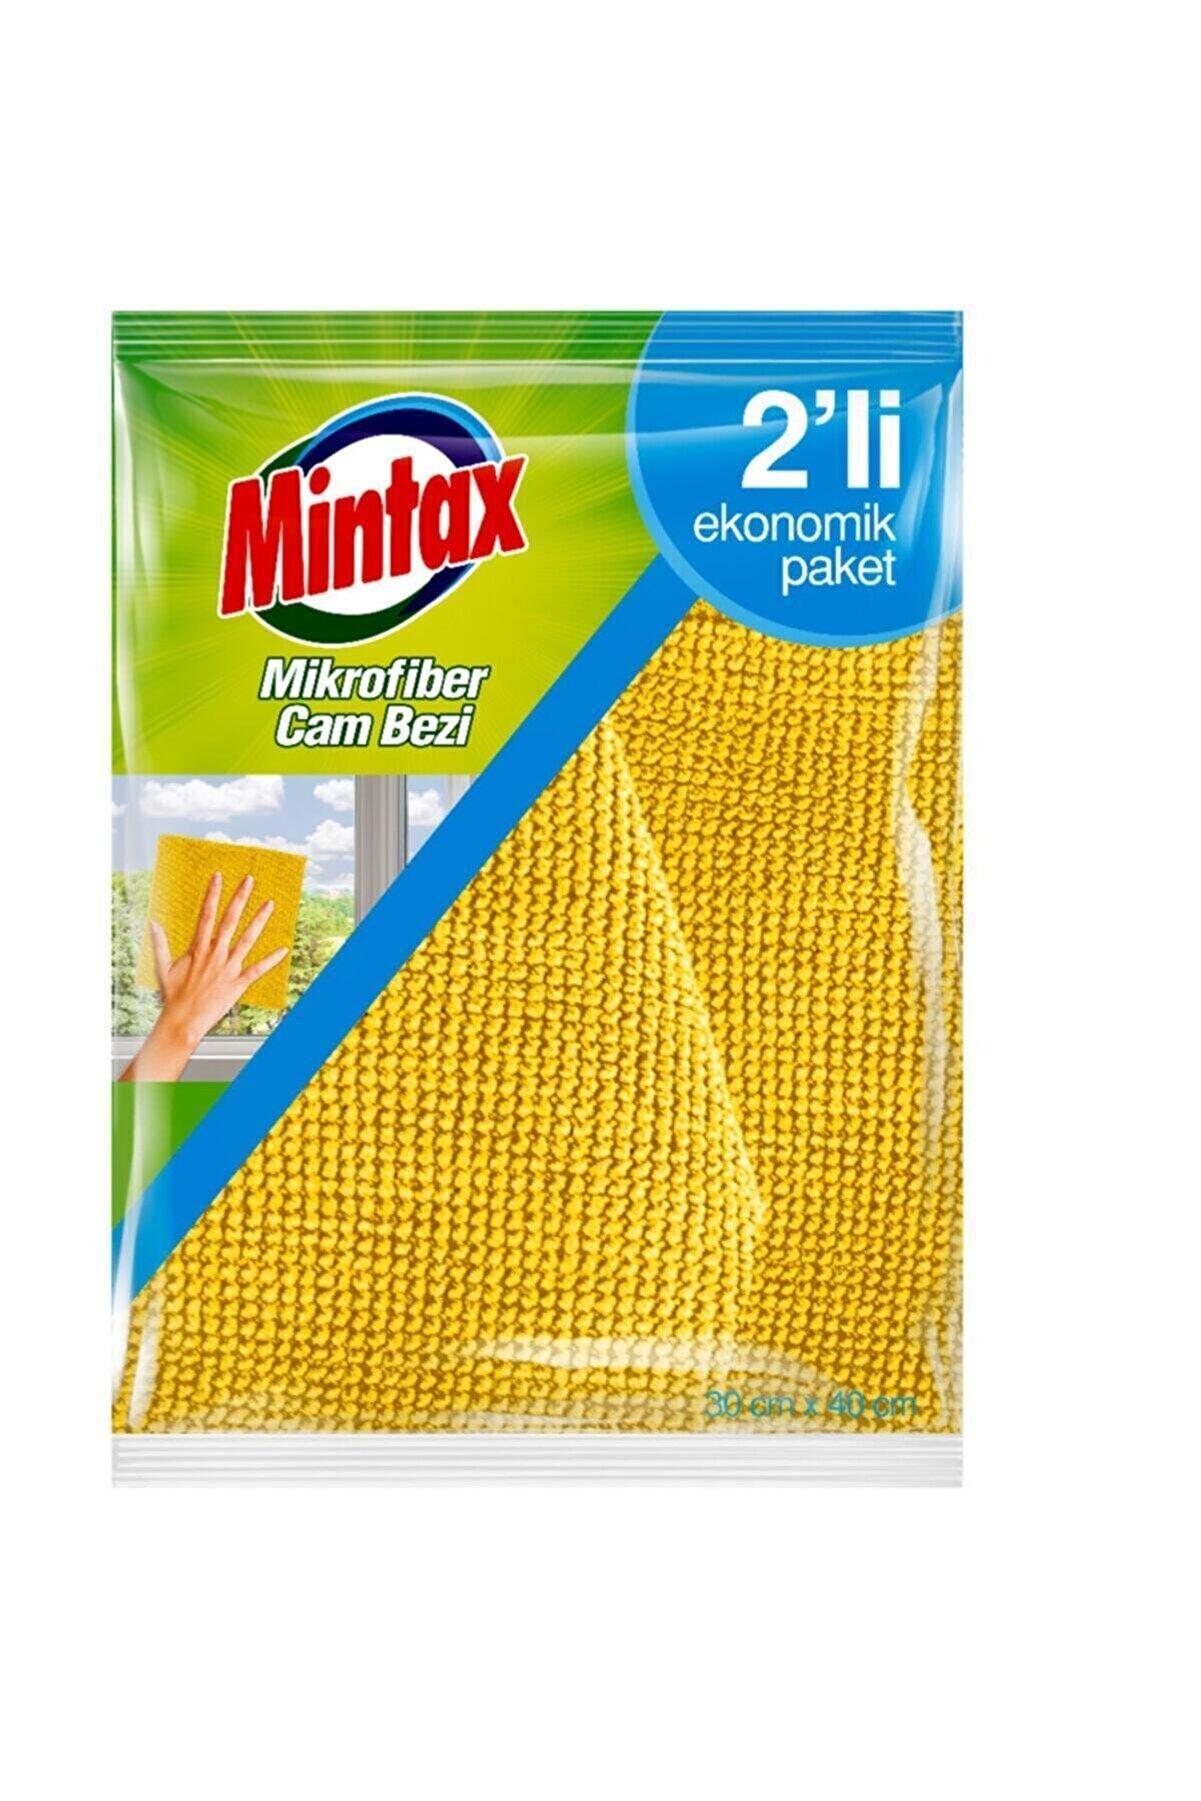 Mintax Mikrofiber Cam Bezi 2'li